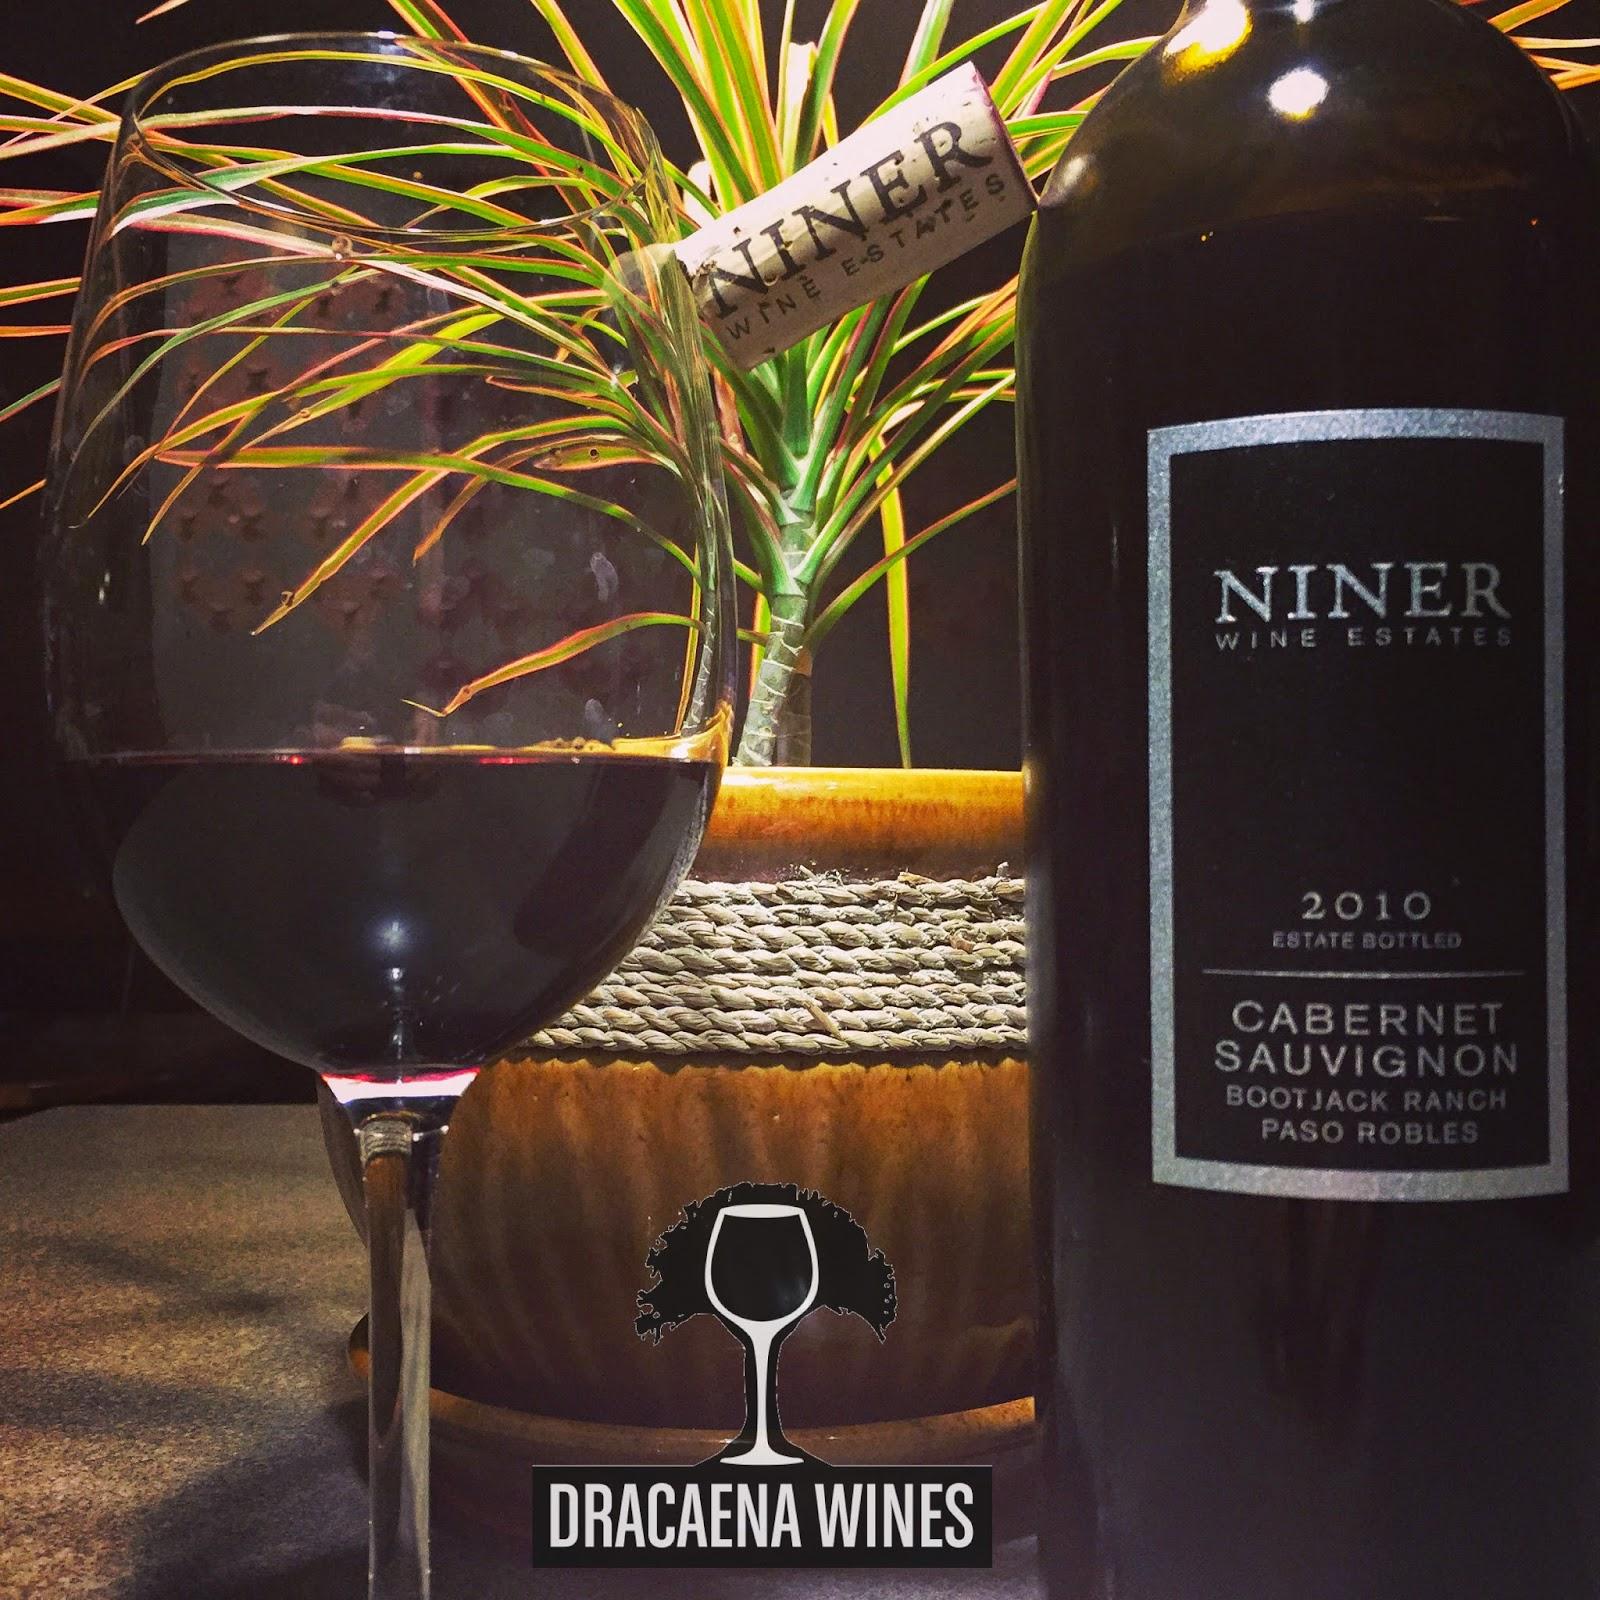 Dracaena, Dracaena wines,